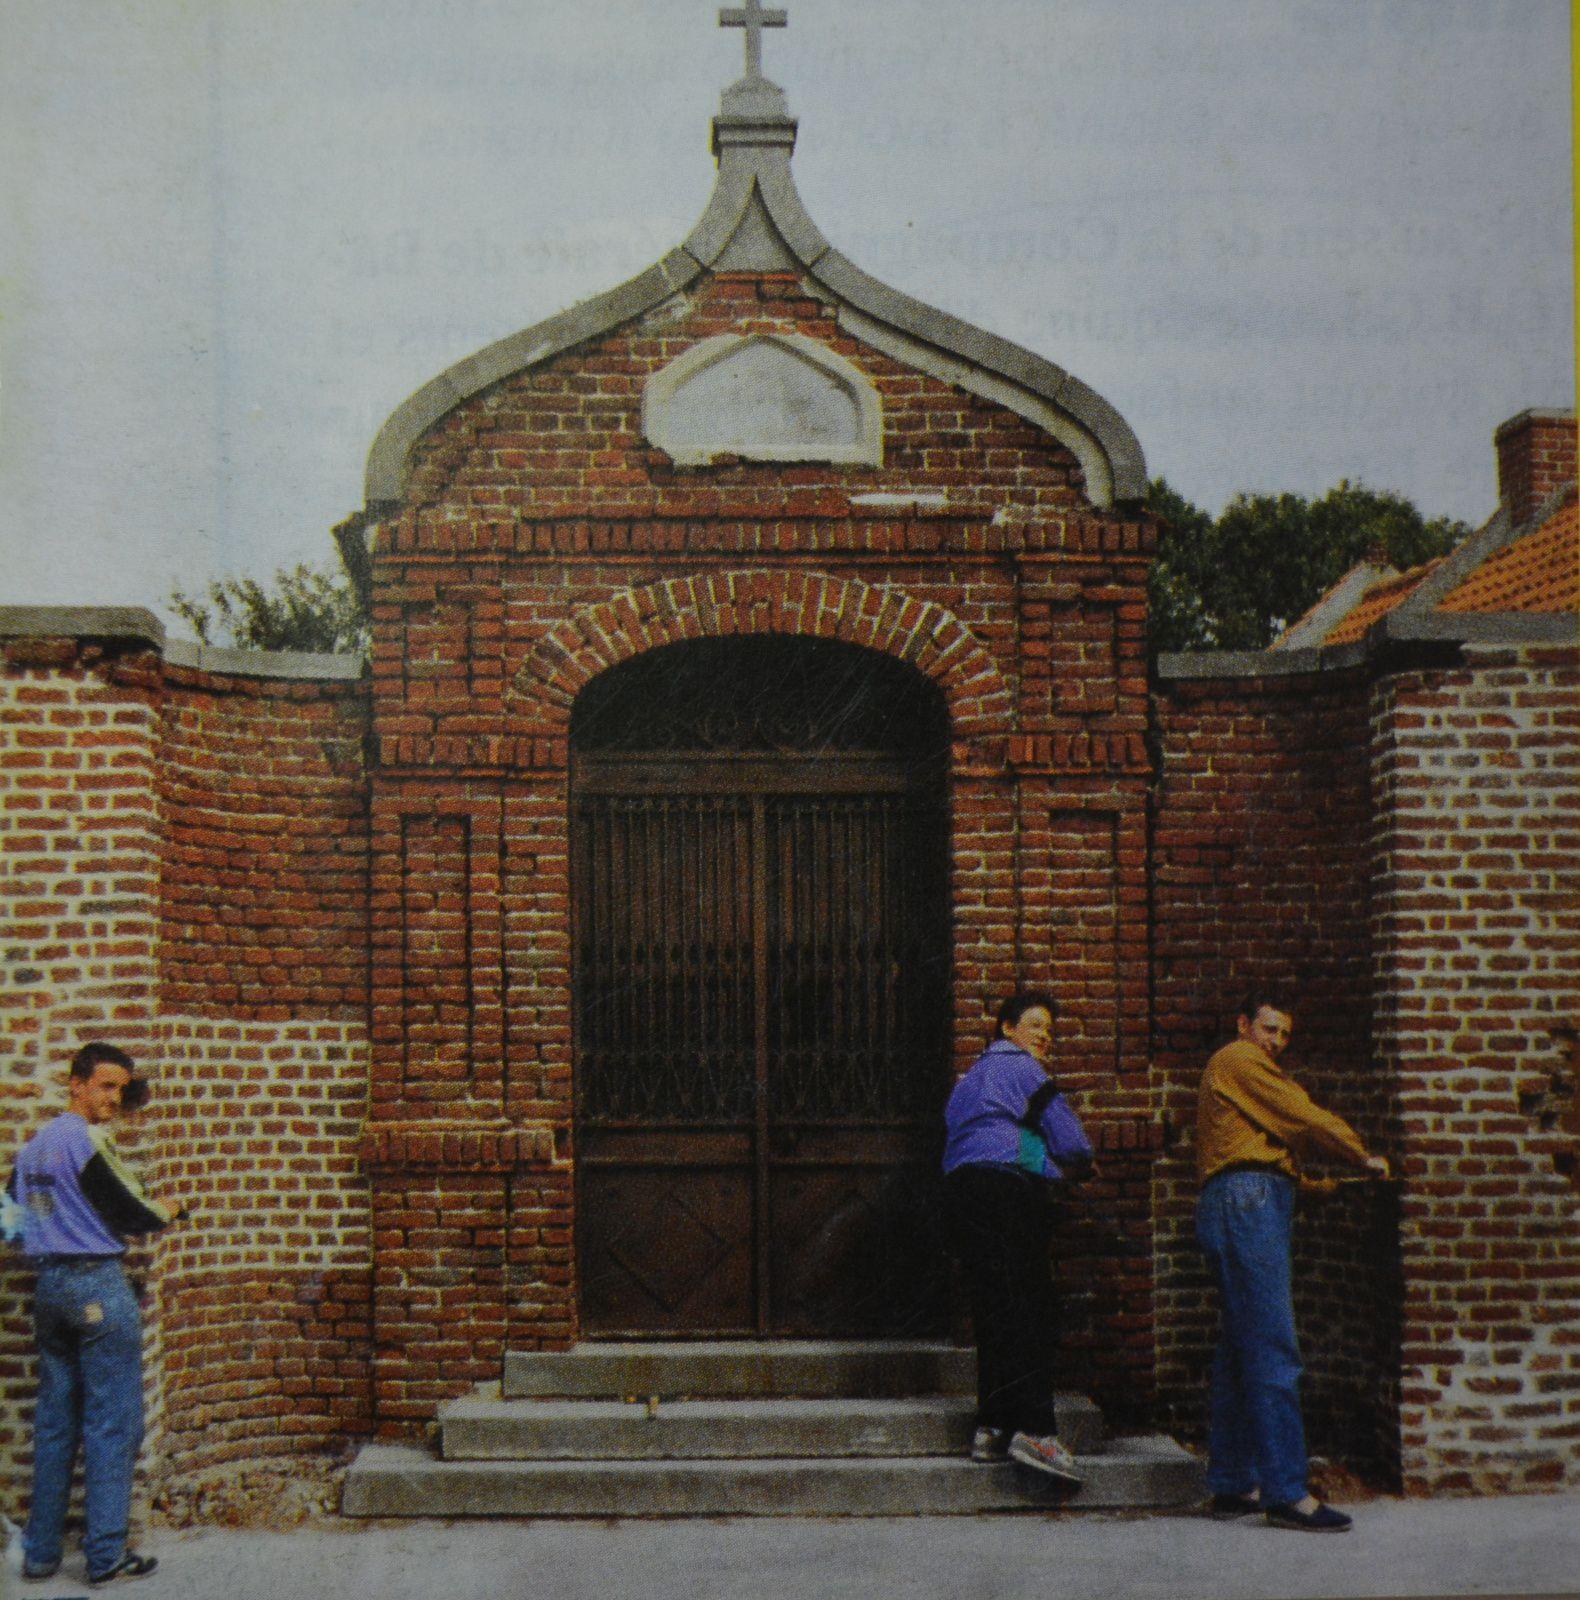 Rejointoiement de la chapelle Bailly en 1990 - Photographie extraite du Bulletin municipal conservé à la Société d'Histoire d'Aniche.